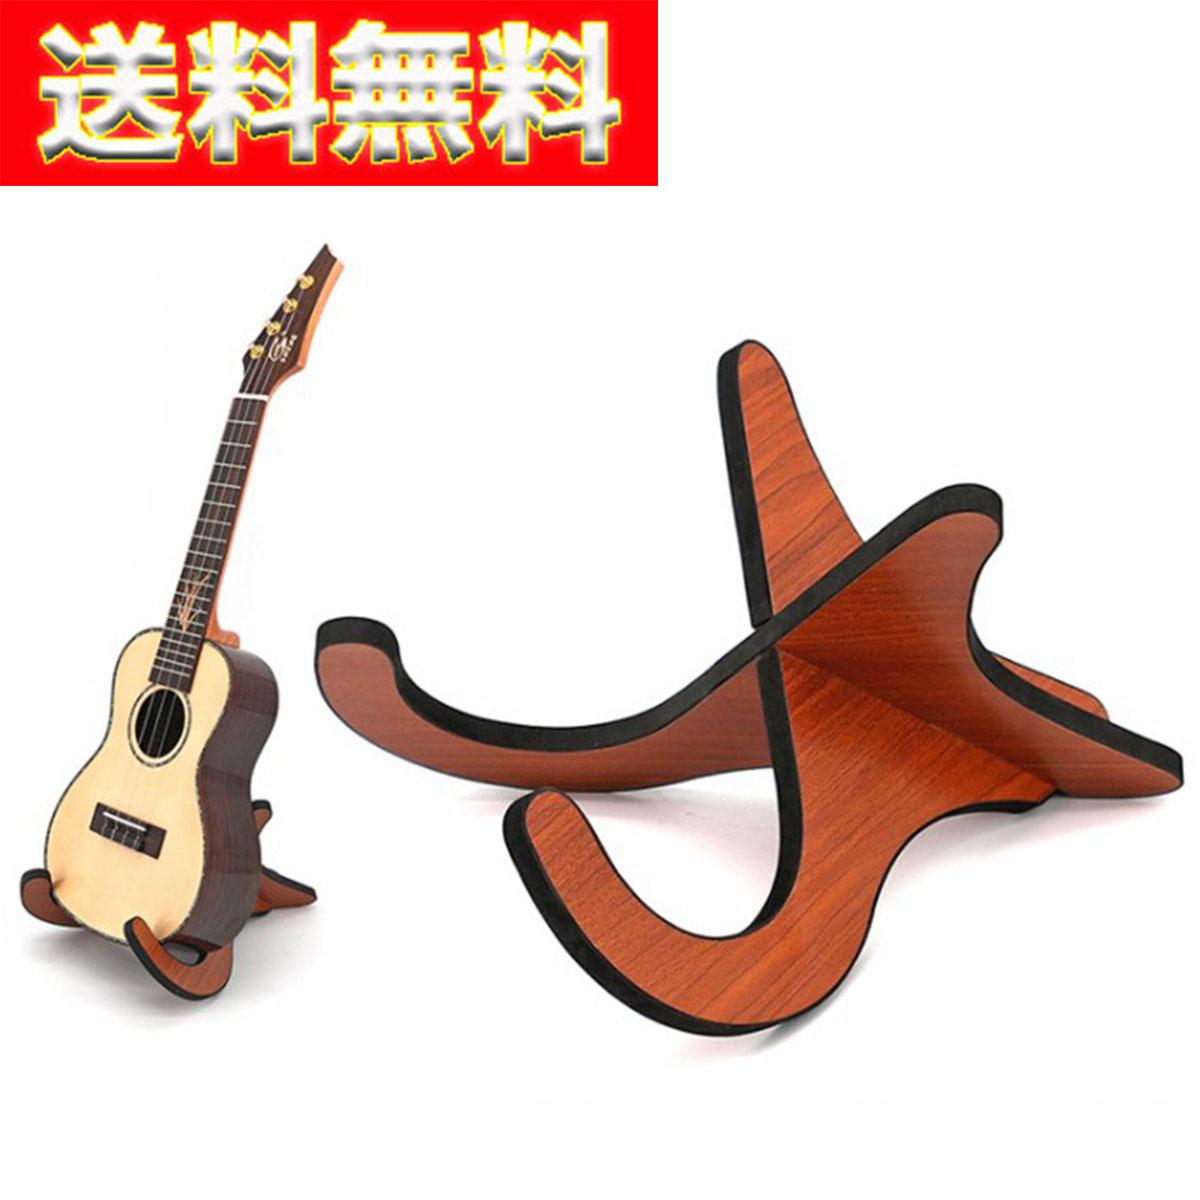 ウクレレスタンド ウクレレ 驚きの価格が実現 スタンド 即出荷 木製 楽器 おしゃれ マンドリン ヴァイオリン 送料無料